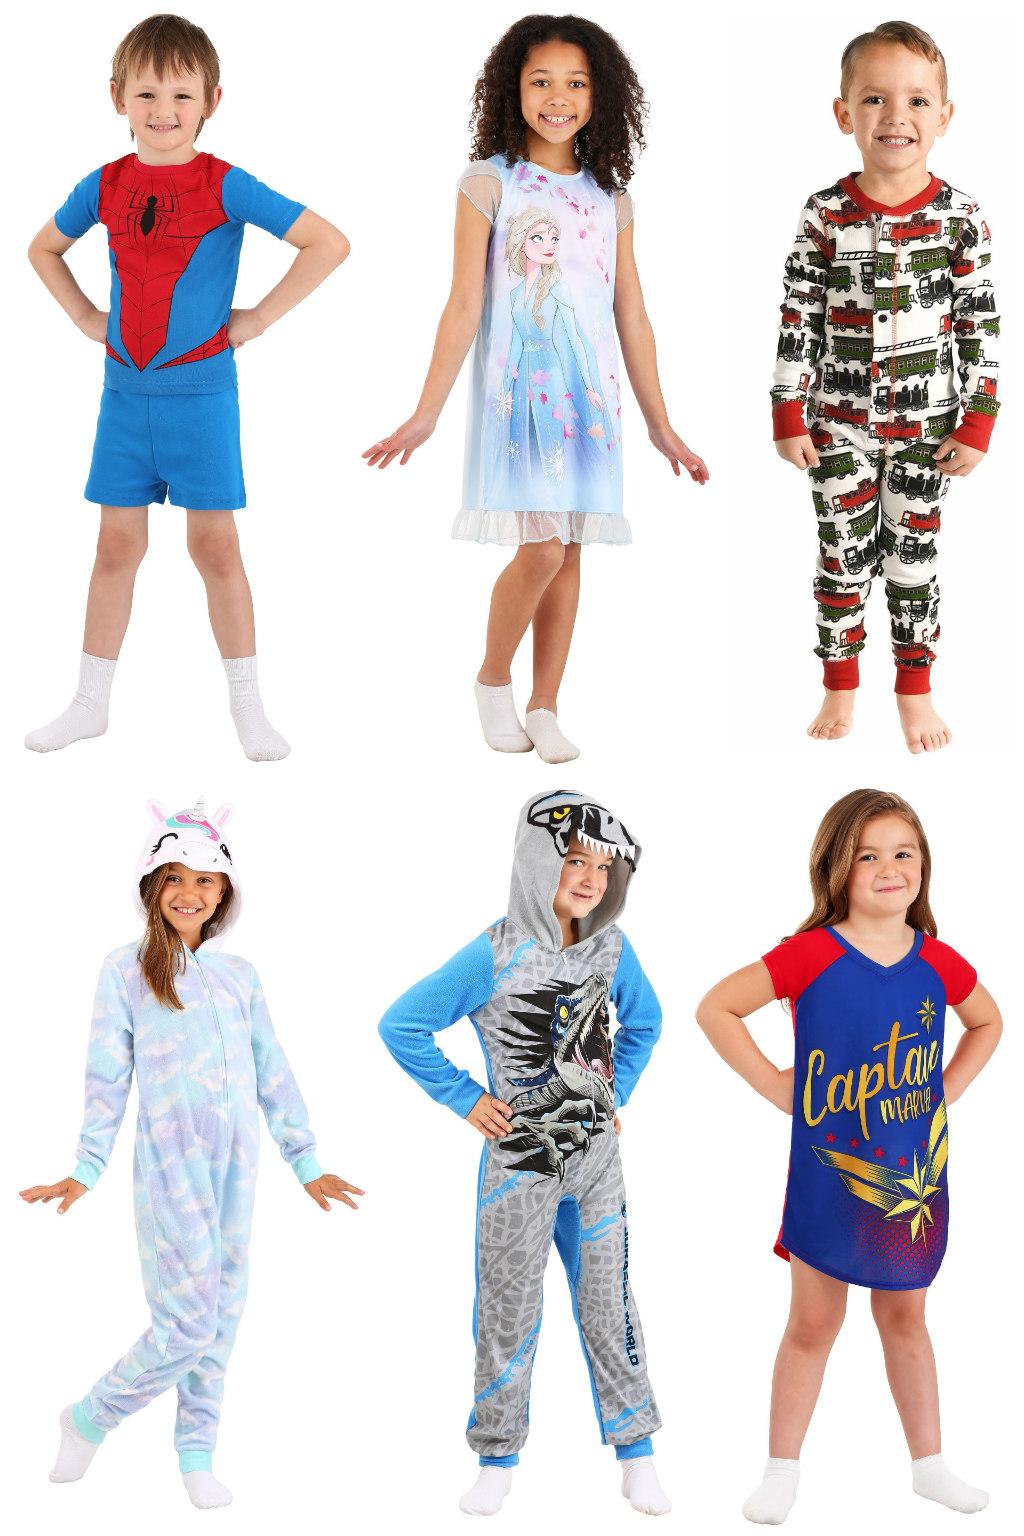 Kids' Sleepwear and Loungewear